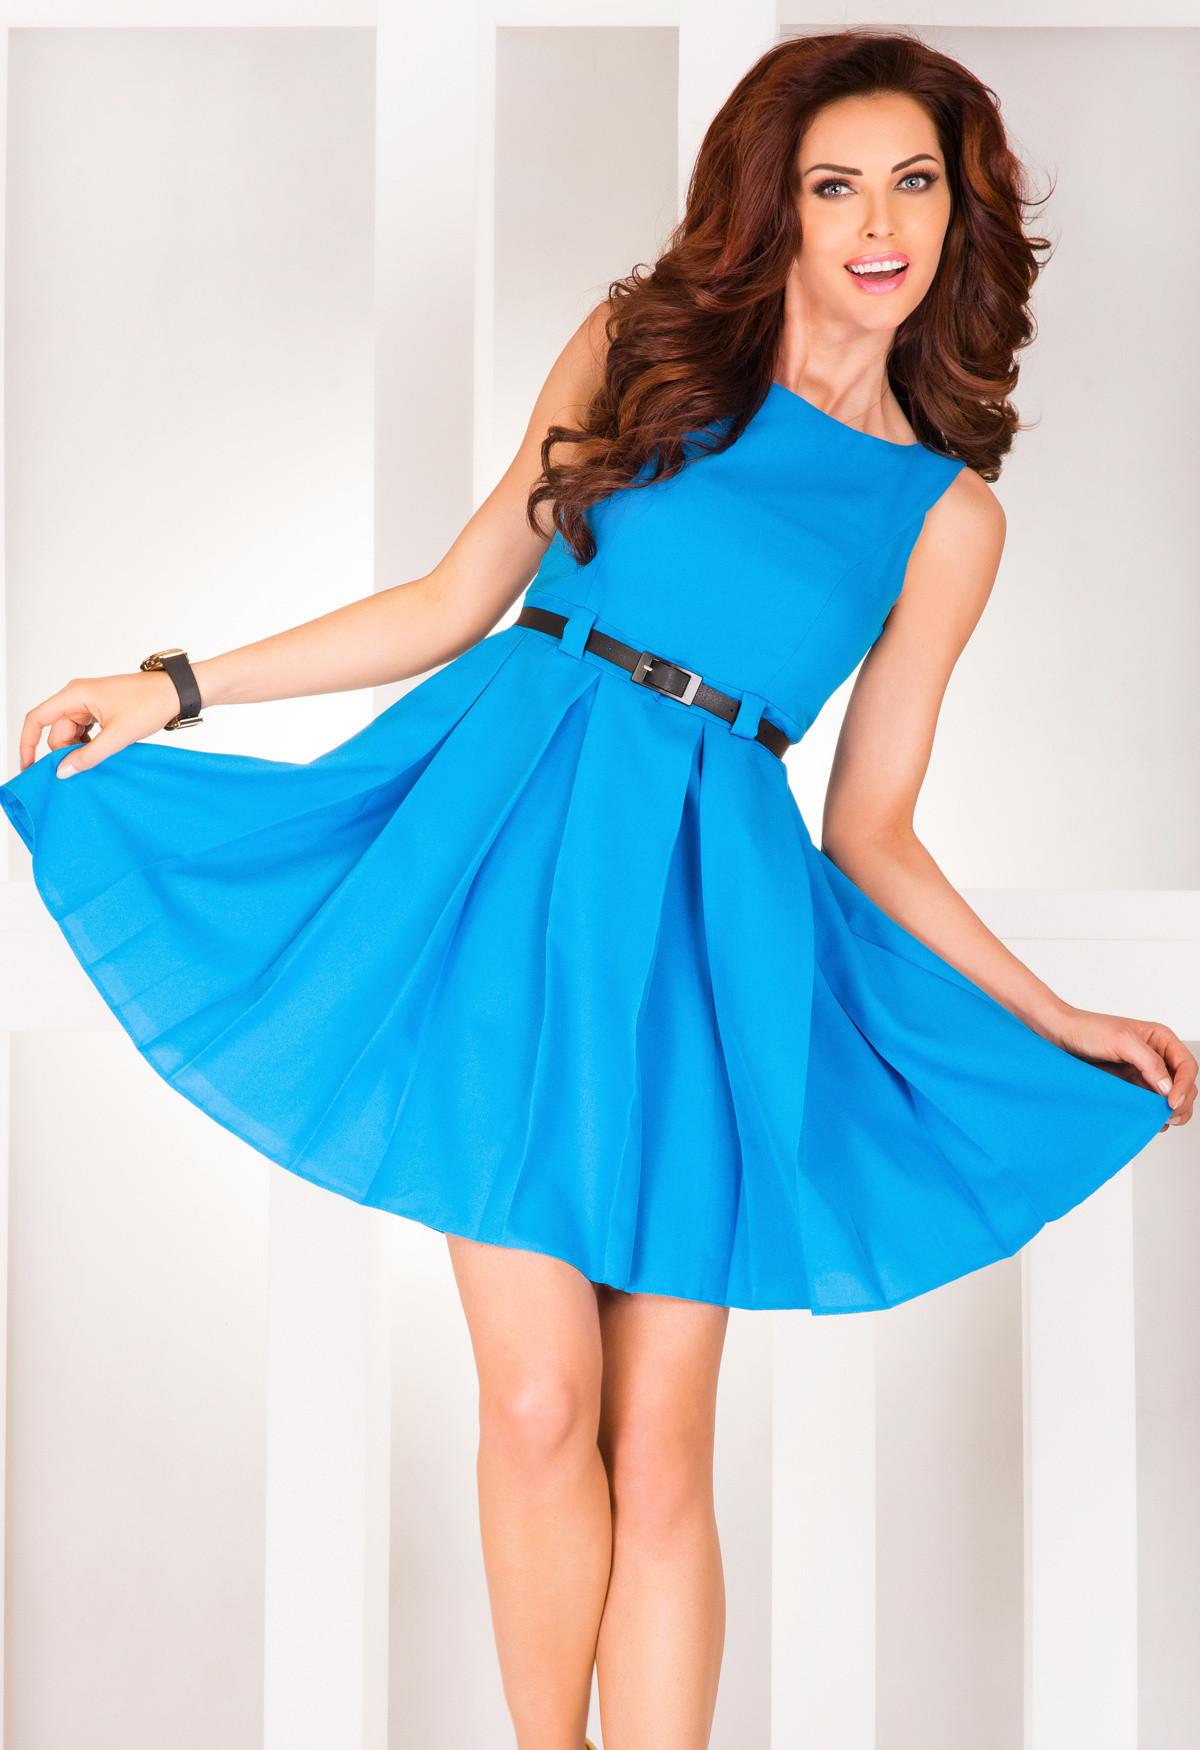 Dámské společenské šaty FOLD se sklady a páskem středně dlouhé modré - Modrá / S - Numoco modrá S